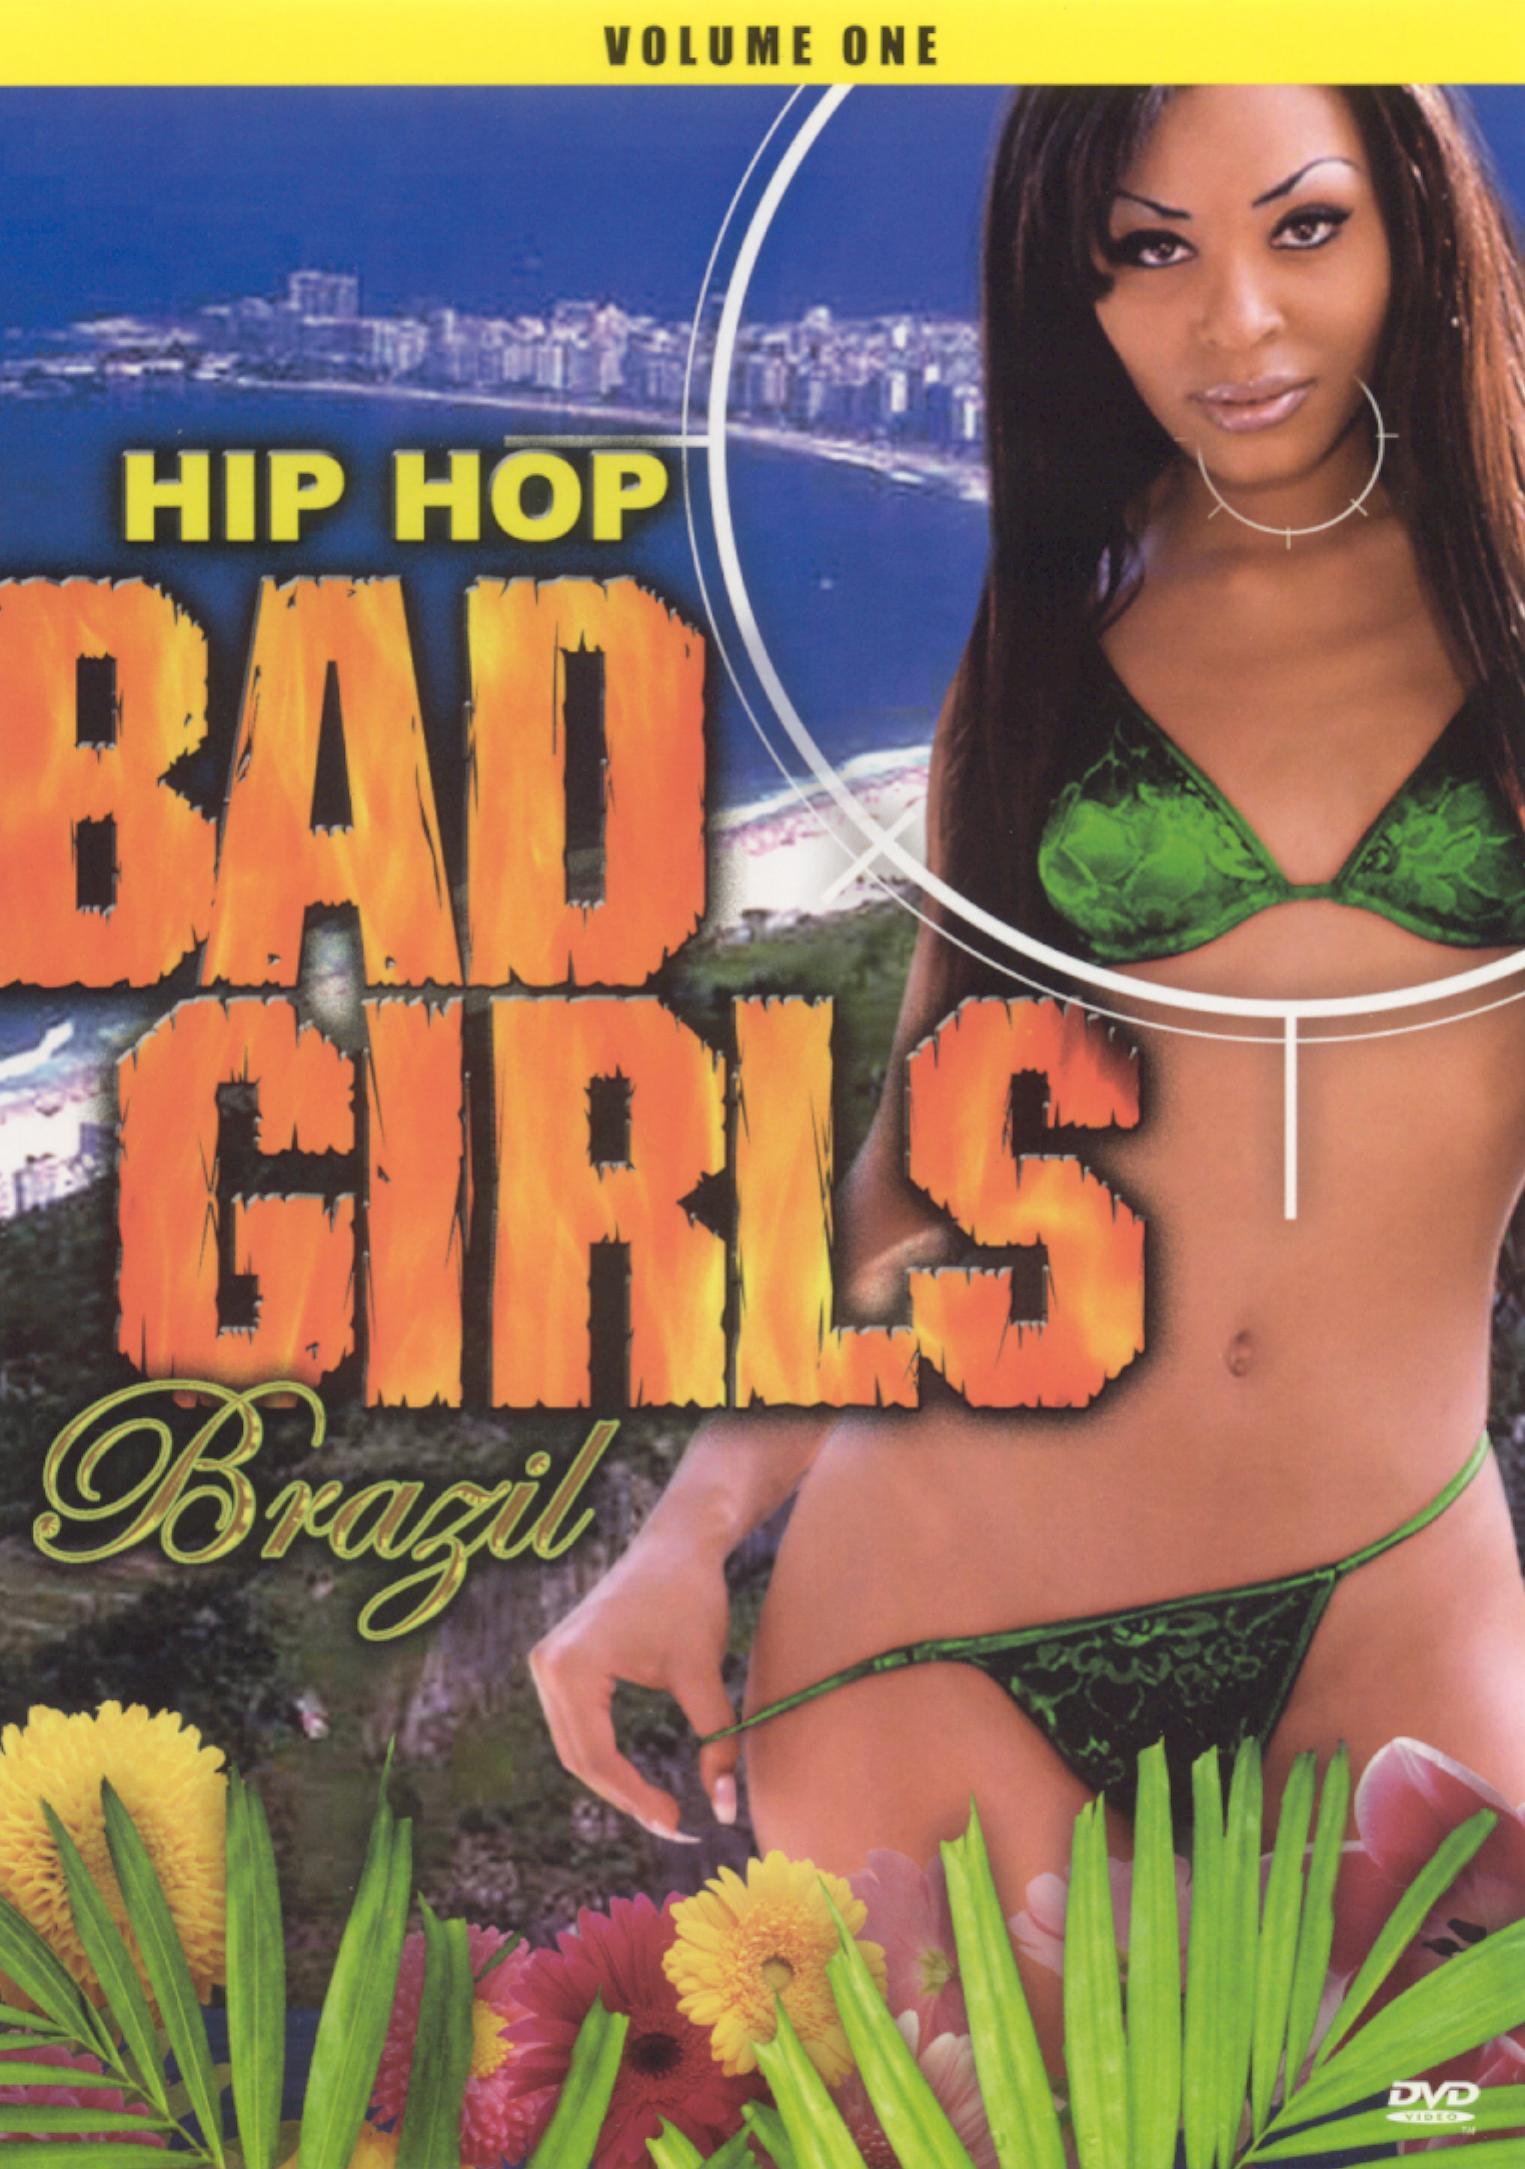 Hip Hop Girls Brazil, Vol. 1